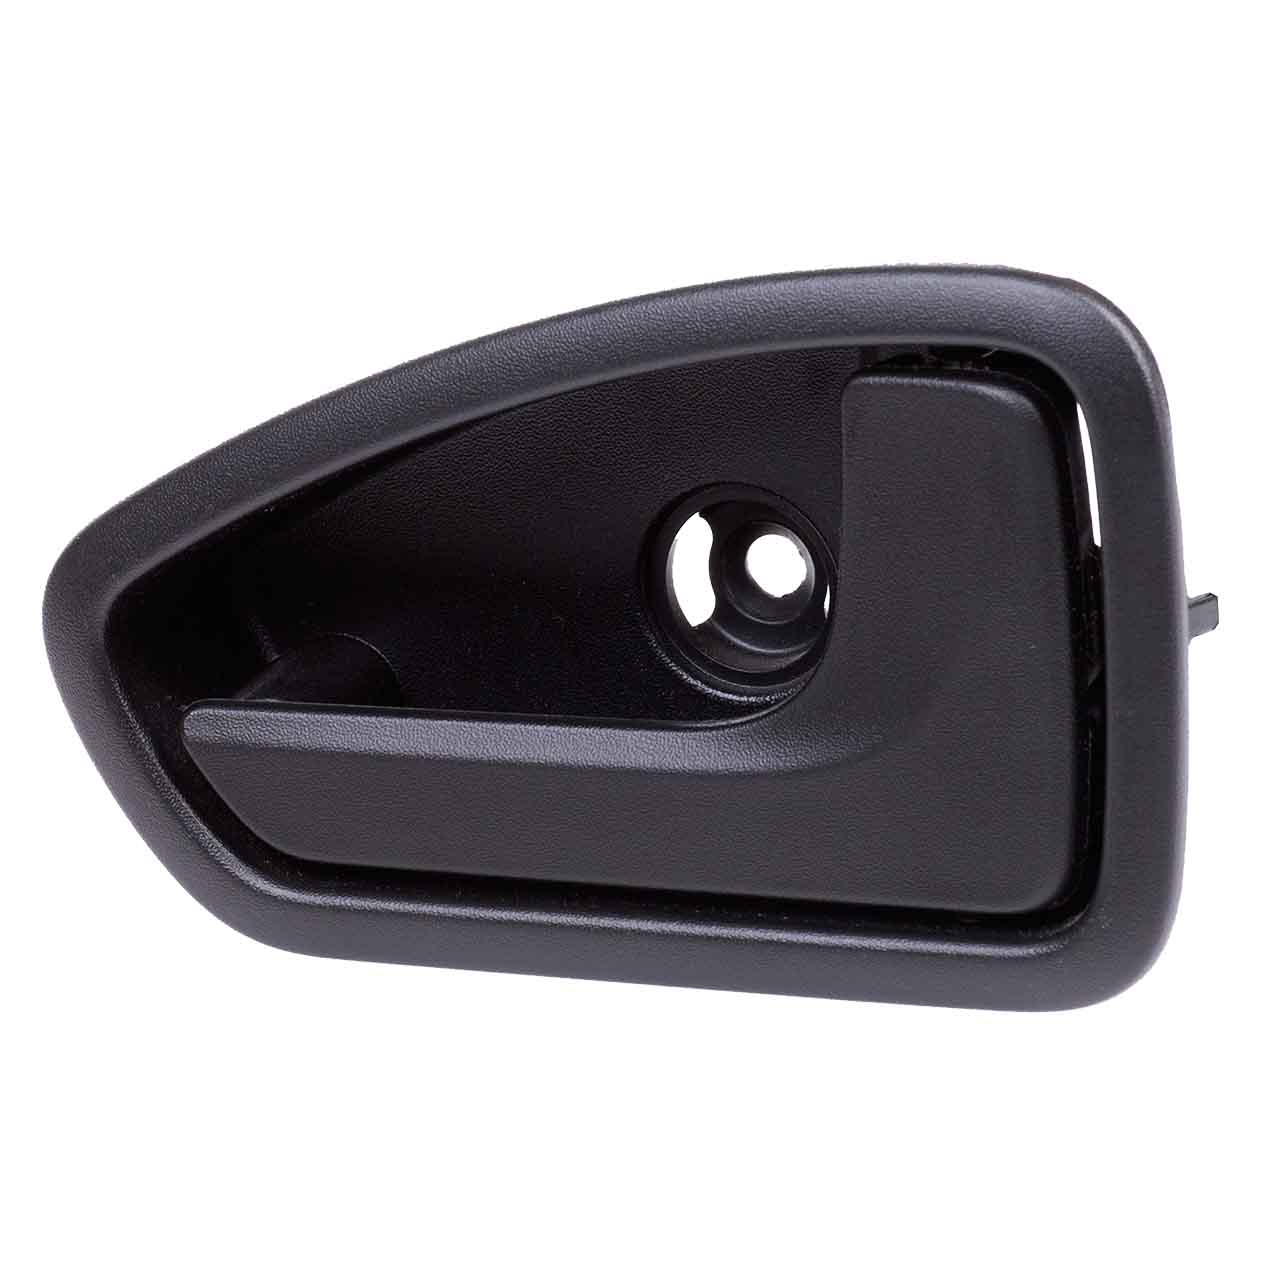 دستگیره داخلی جلو راست در خودرو بی کی اس کو. کد 81311000 مناسب برای پراید